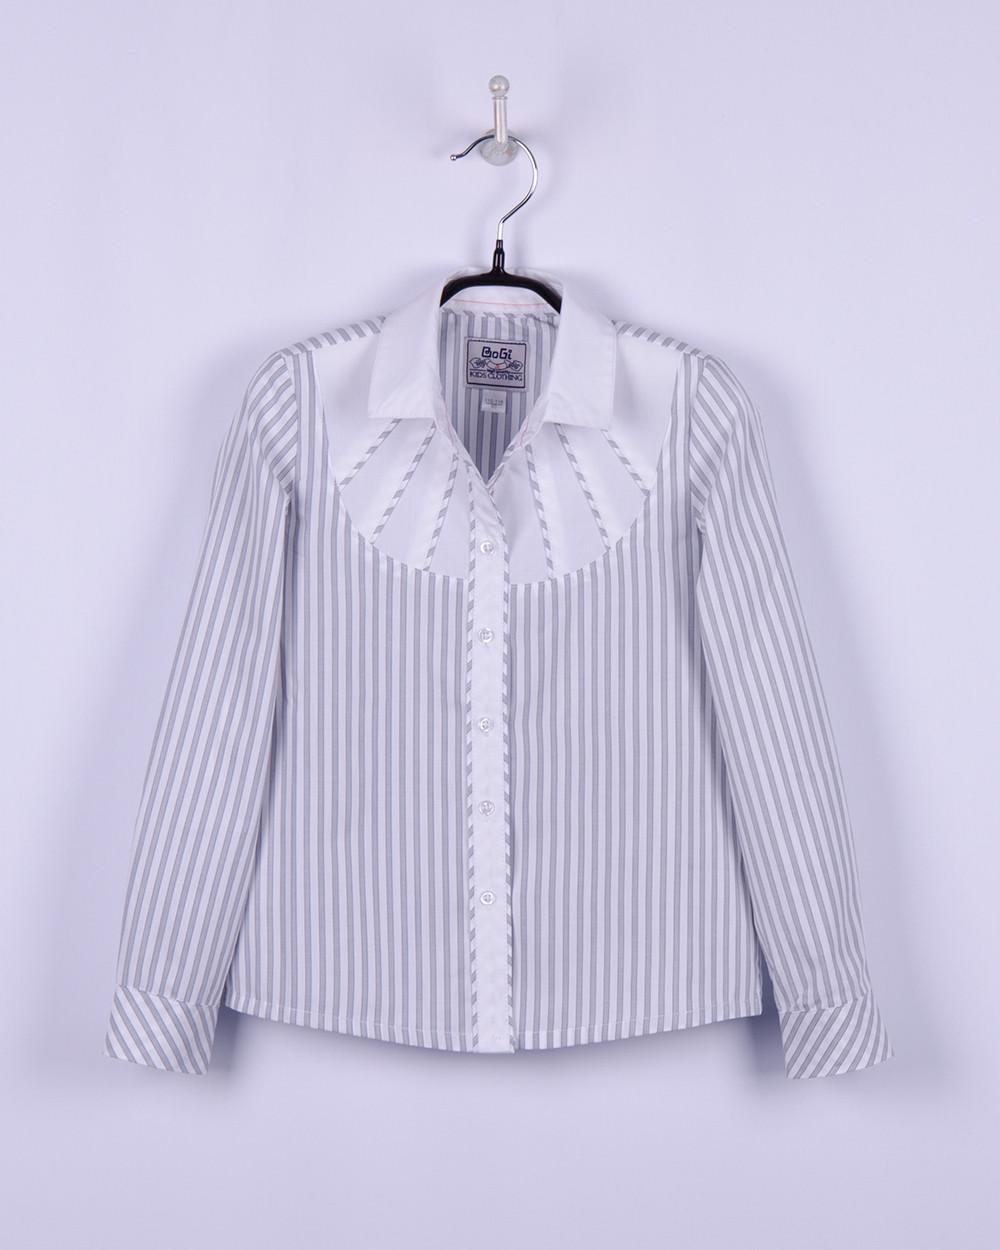 Блуза для девочки BoGi Стиль, полоска (р.116/122)